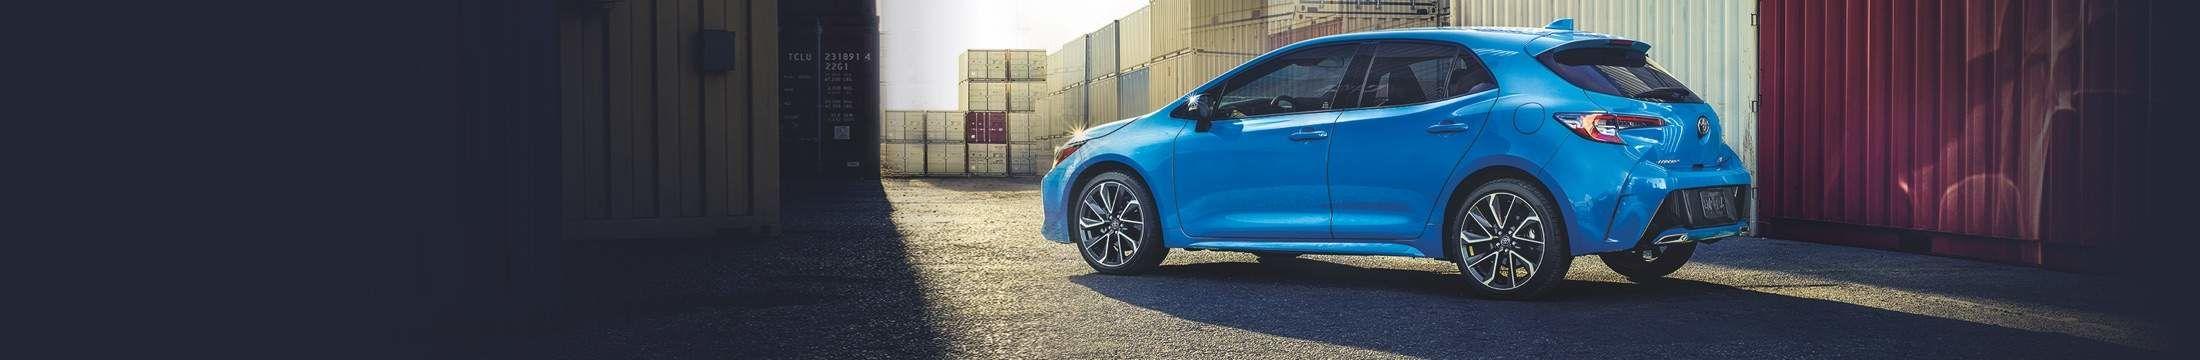 Le concours « Trouvez la Hatch » de la toute nouvelle Corolla Hatchback #TrouvezLaHatch